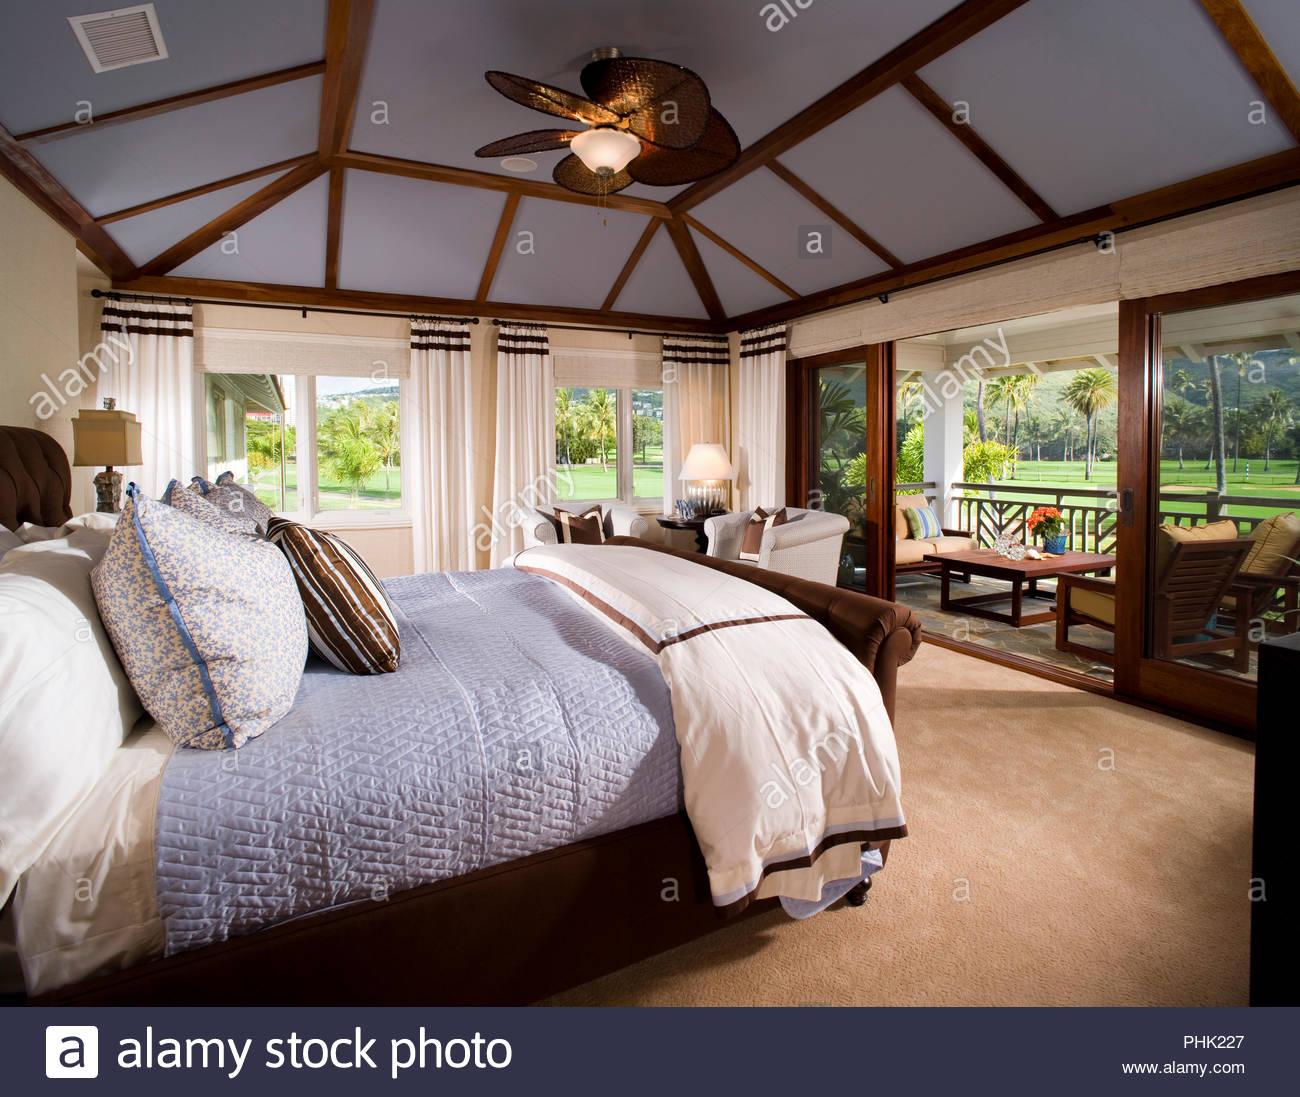 Schlafzimmer mit Deckenventilator Stockbild